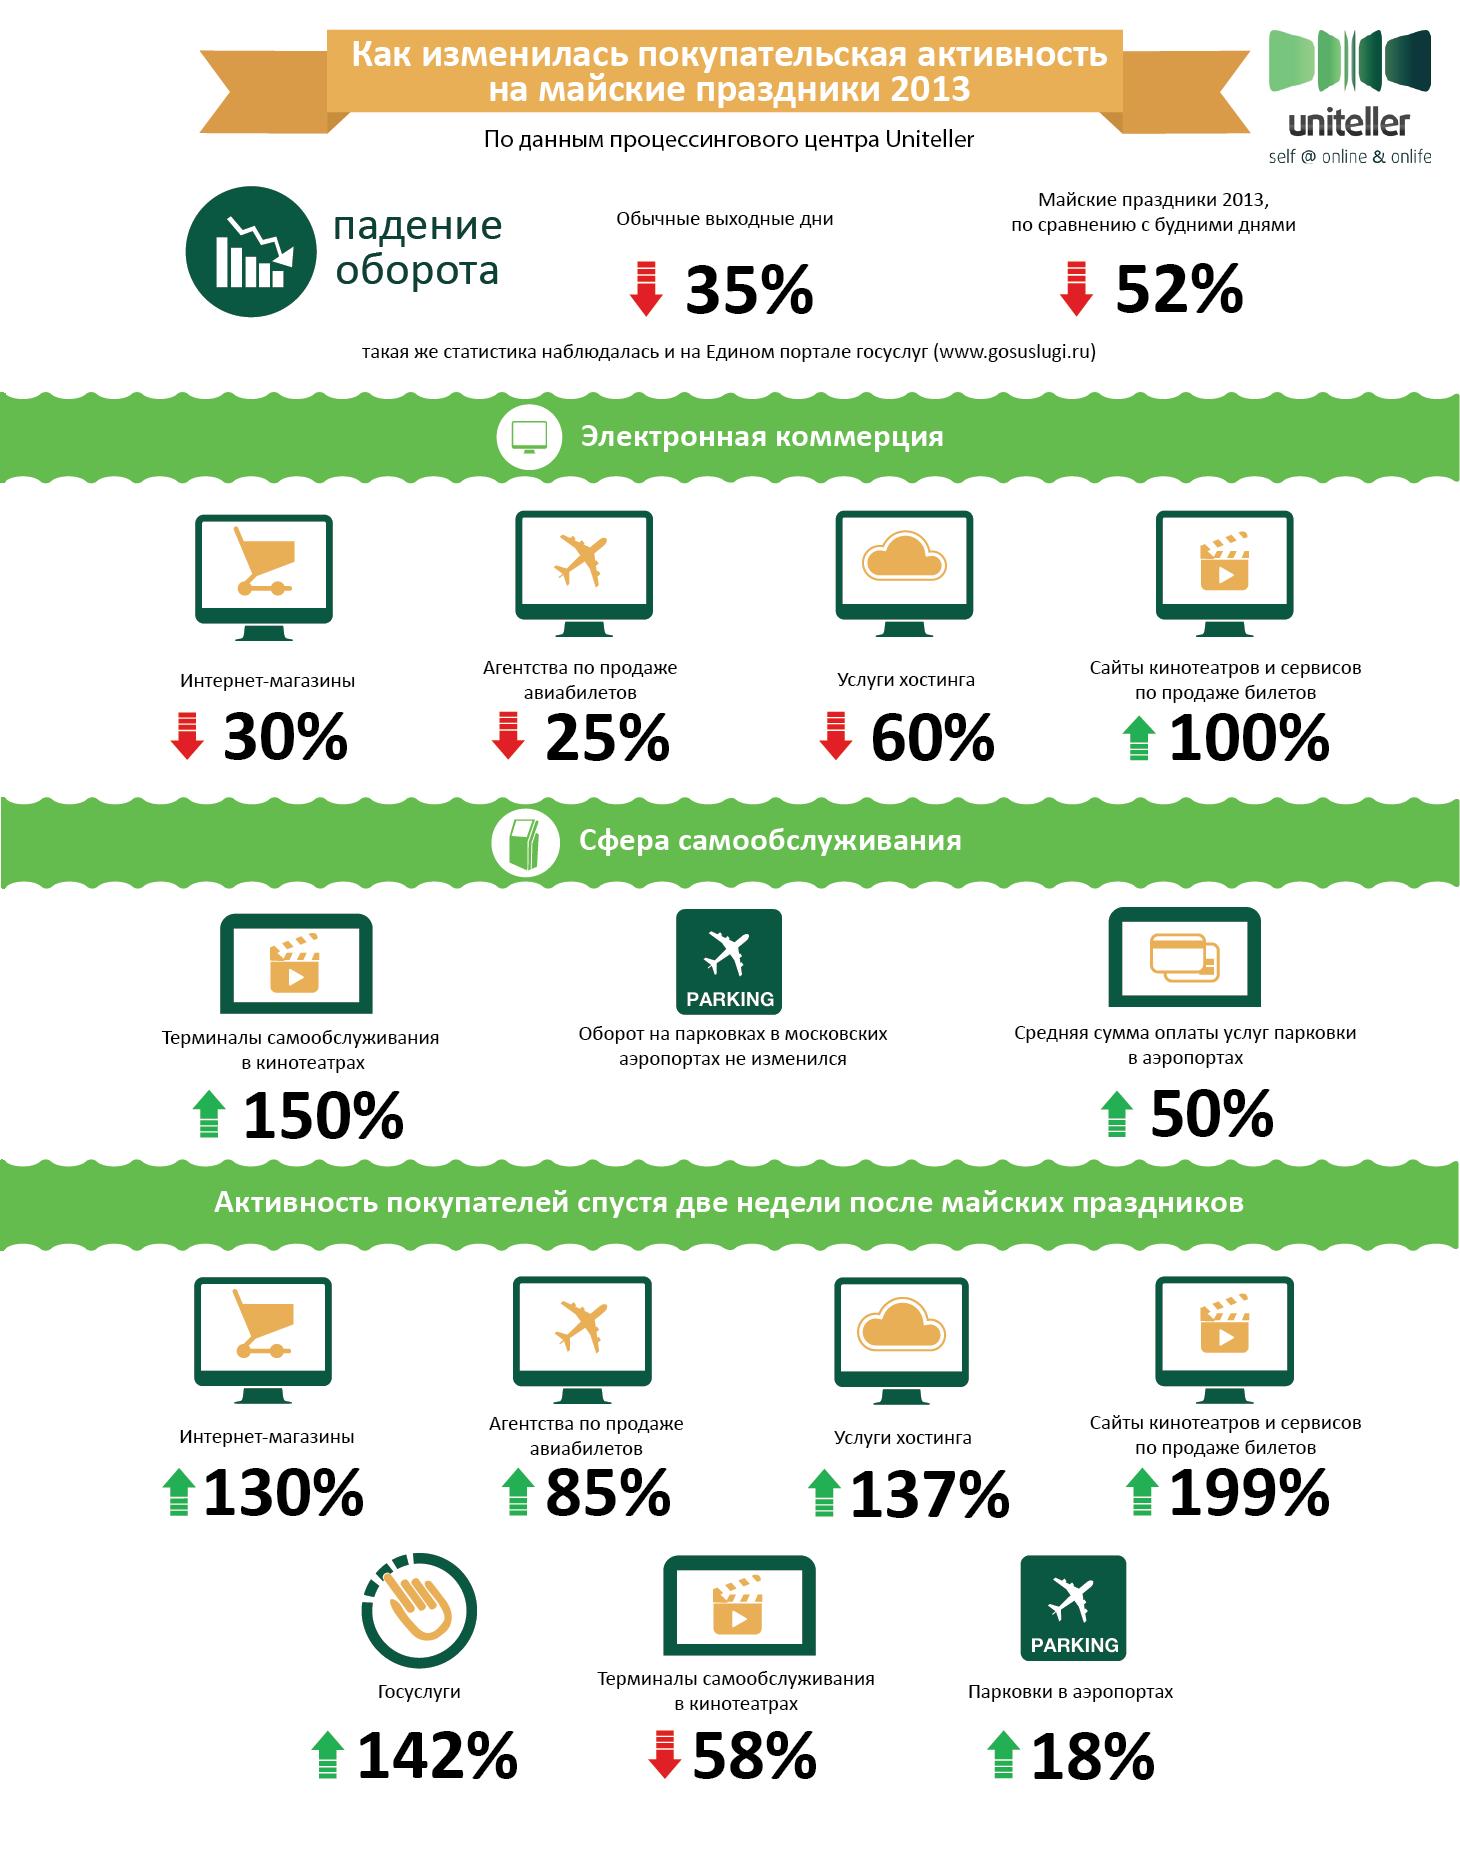 Статистика активности покупателей в сфере безналичных платежей в майские выходные 2013 и две недели спустя